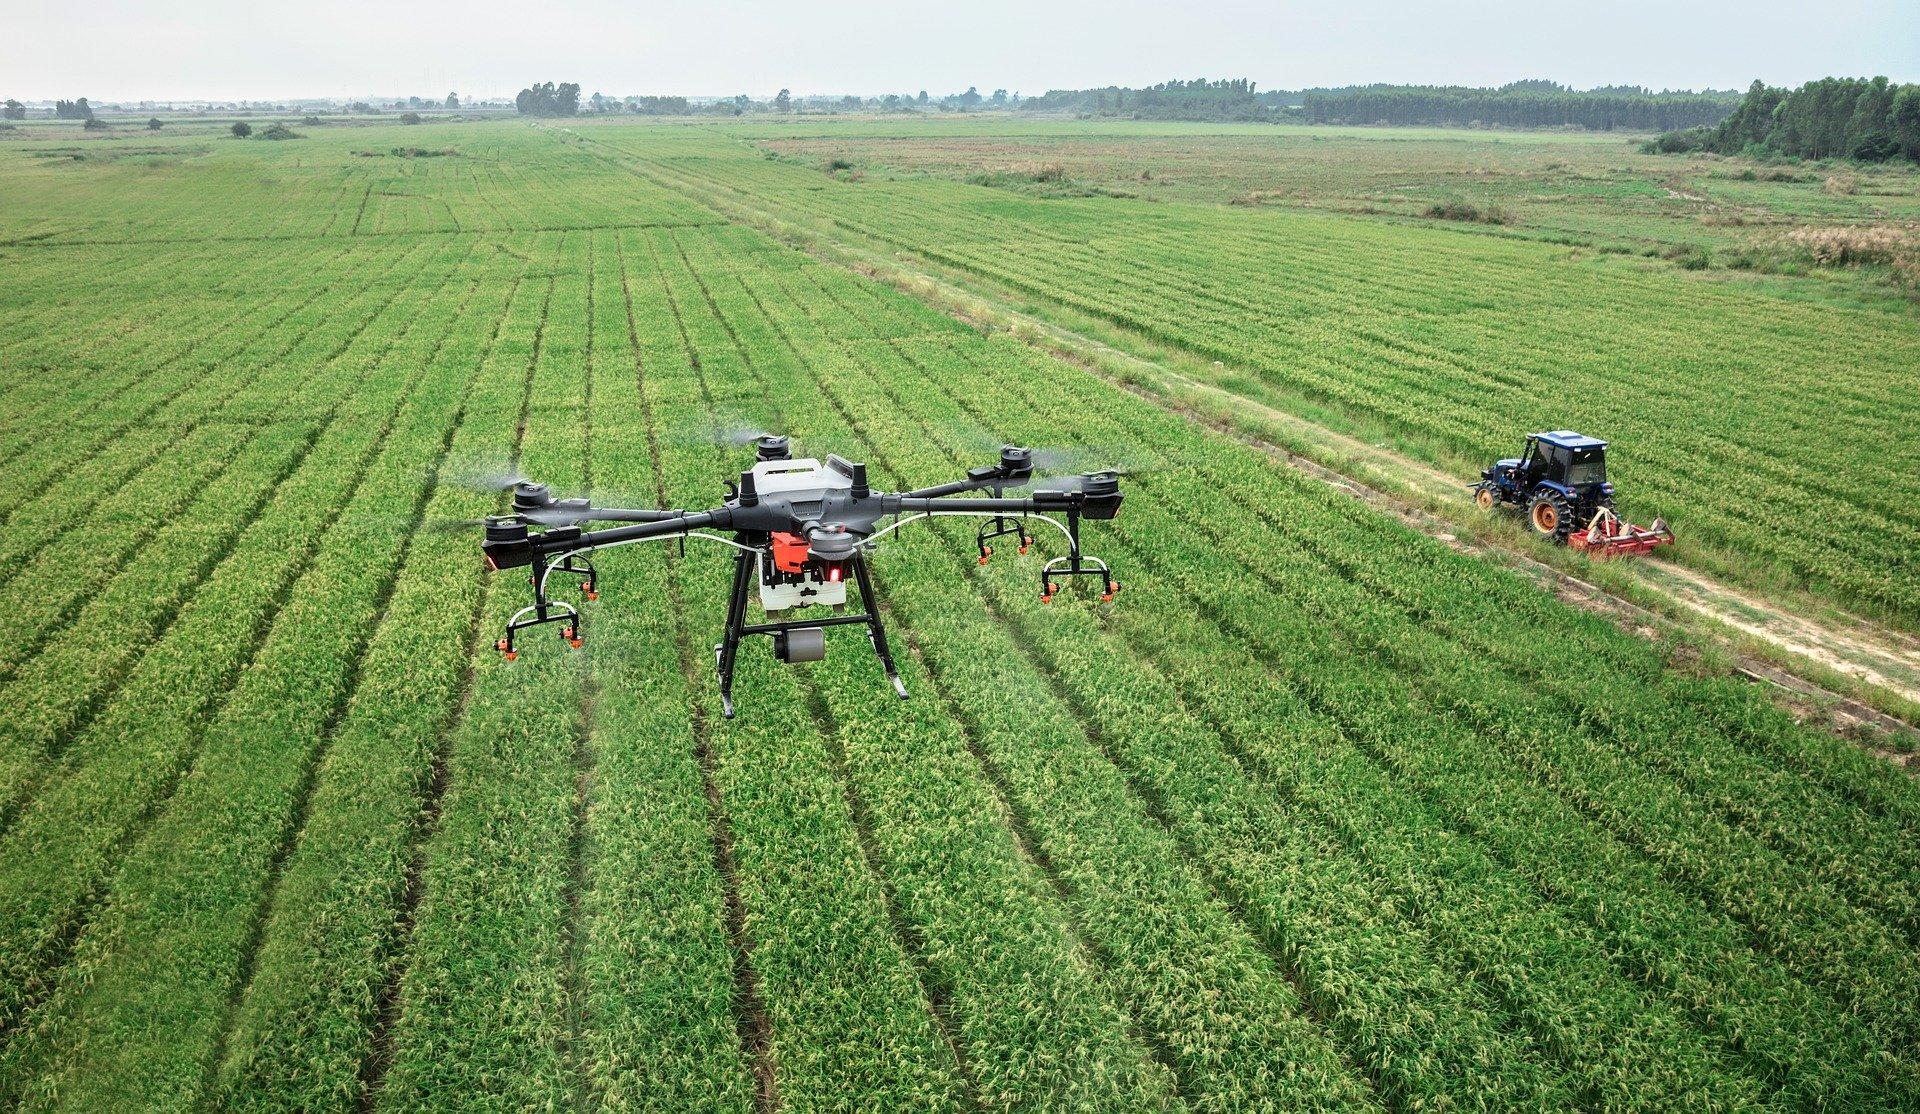 Nataïs utilise la reconnaissance d'image par drones pour détecter les mauvaises herbes dans ses champs de maïs